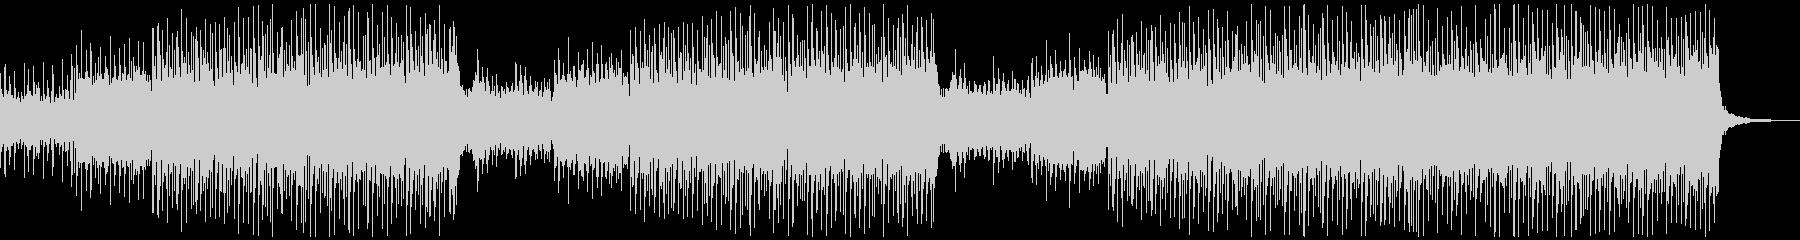 尺八/篠笛/琴などのかっこいい和風EDMの未再生の波形